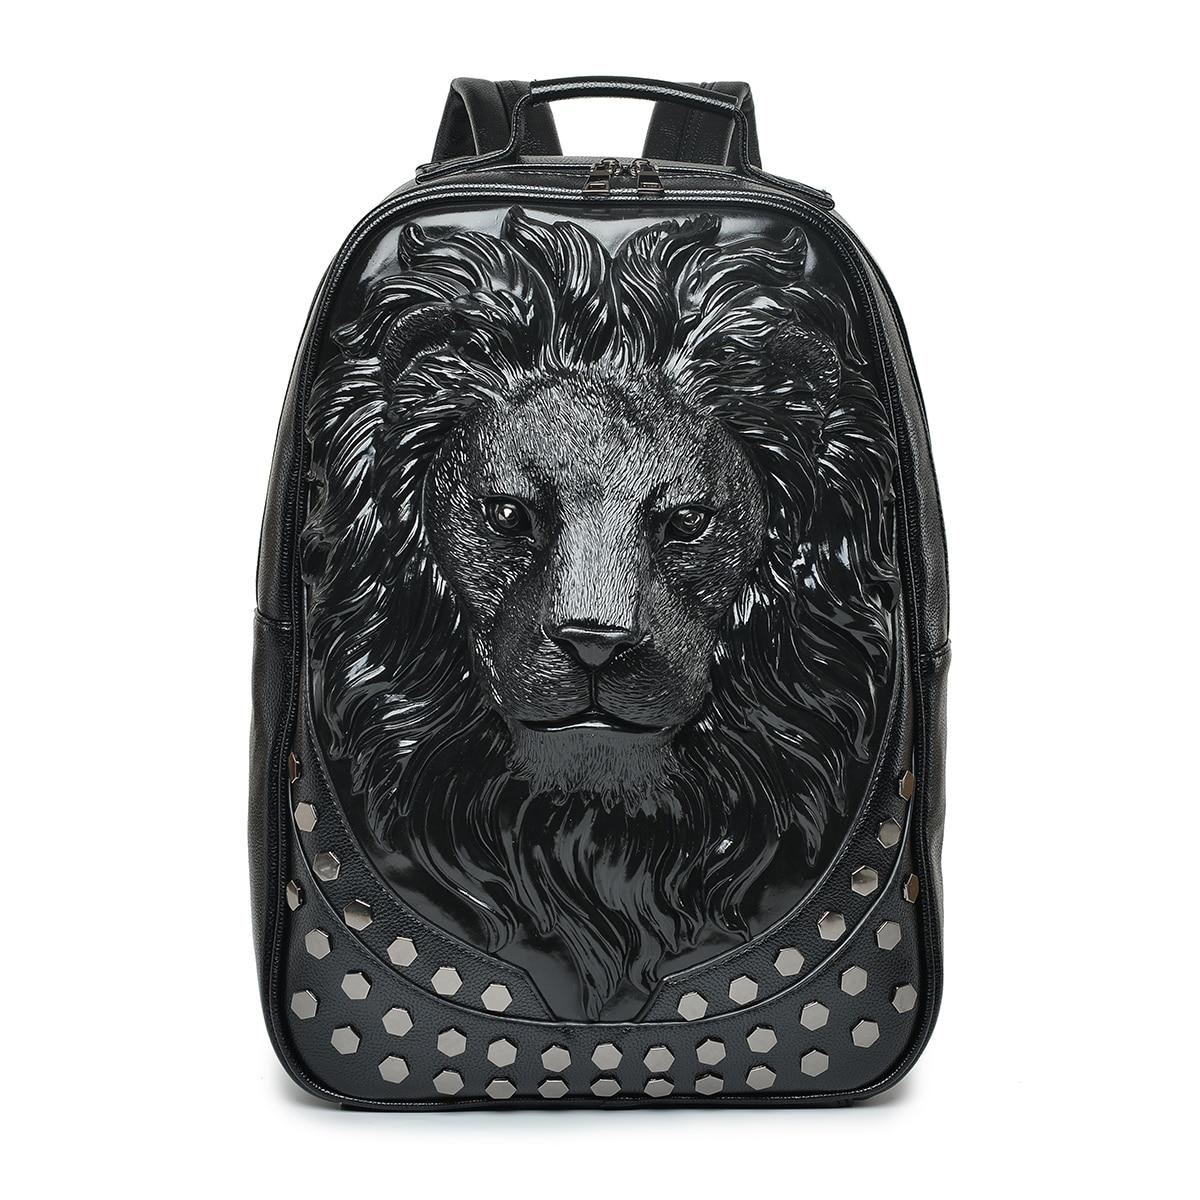 Мужской рюкзак женский кожаный мягкий 3D тисненый голова льва шипованные заклепки Gother путешествия панк-рок рюкзак для ноутбука школьные сум...